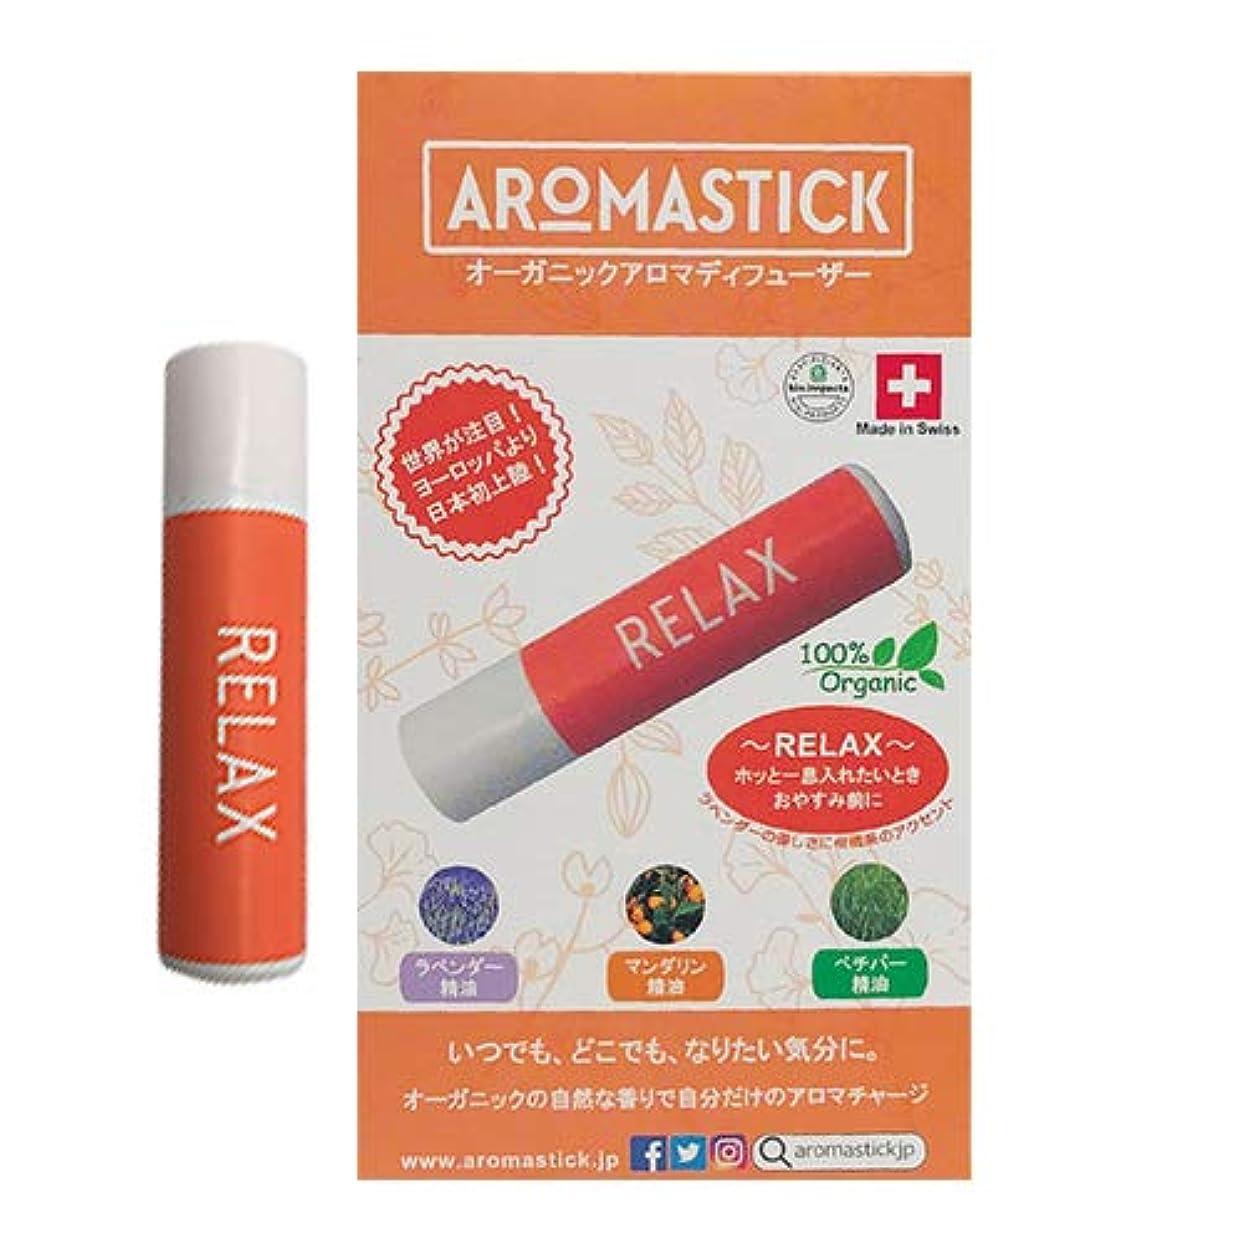 オリエントブリーフケース見分けるオーガニックアロマディフューザー アロマスティック(aromastick) リラックス [RELAX]